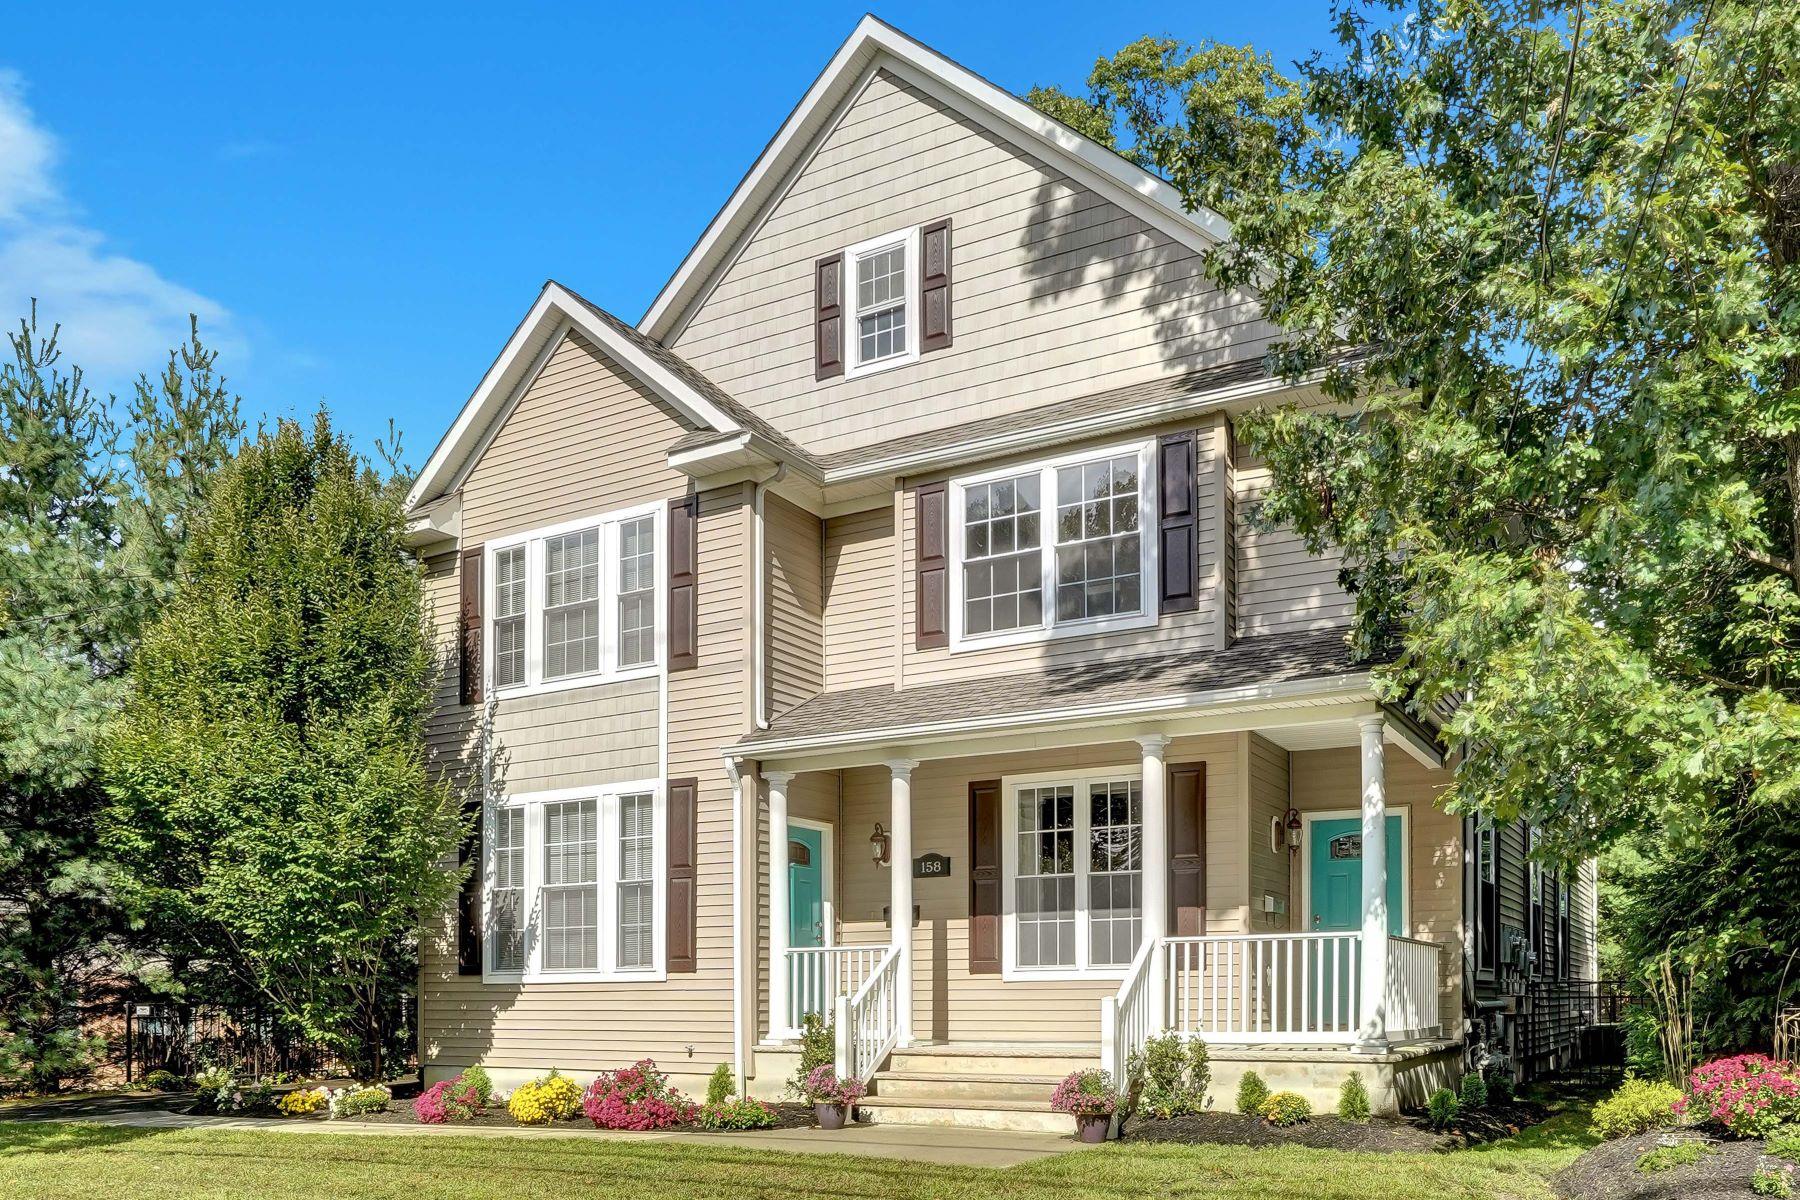 Кондоминиум для того Продажа на Multi Level Condo Commuters Dream 158 Newman Springs Road Unit A, Red Bank, Нью-Джерси 07701 Соединенные Штаты